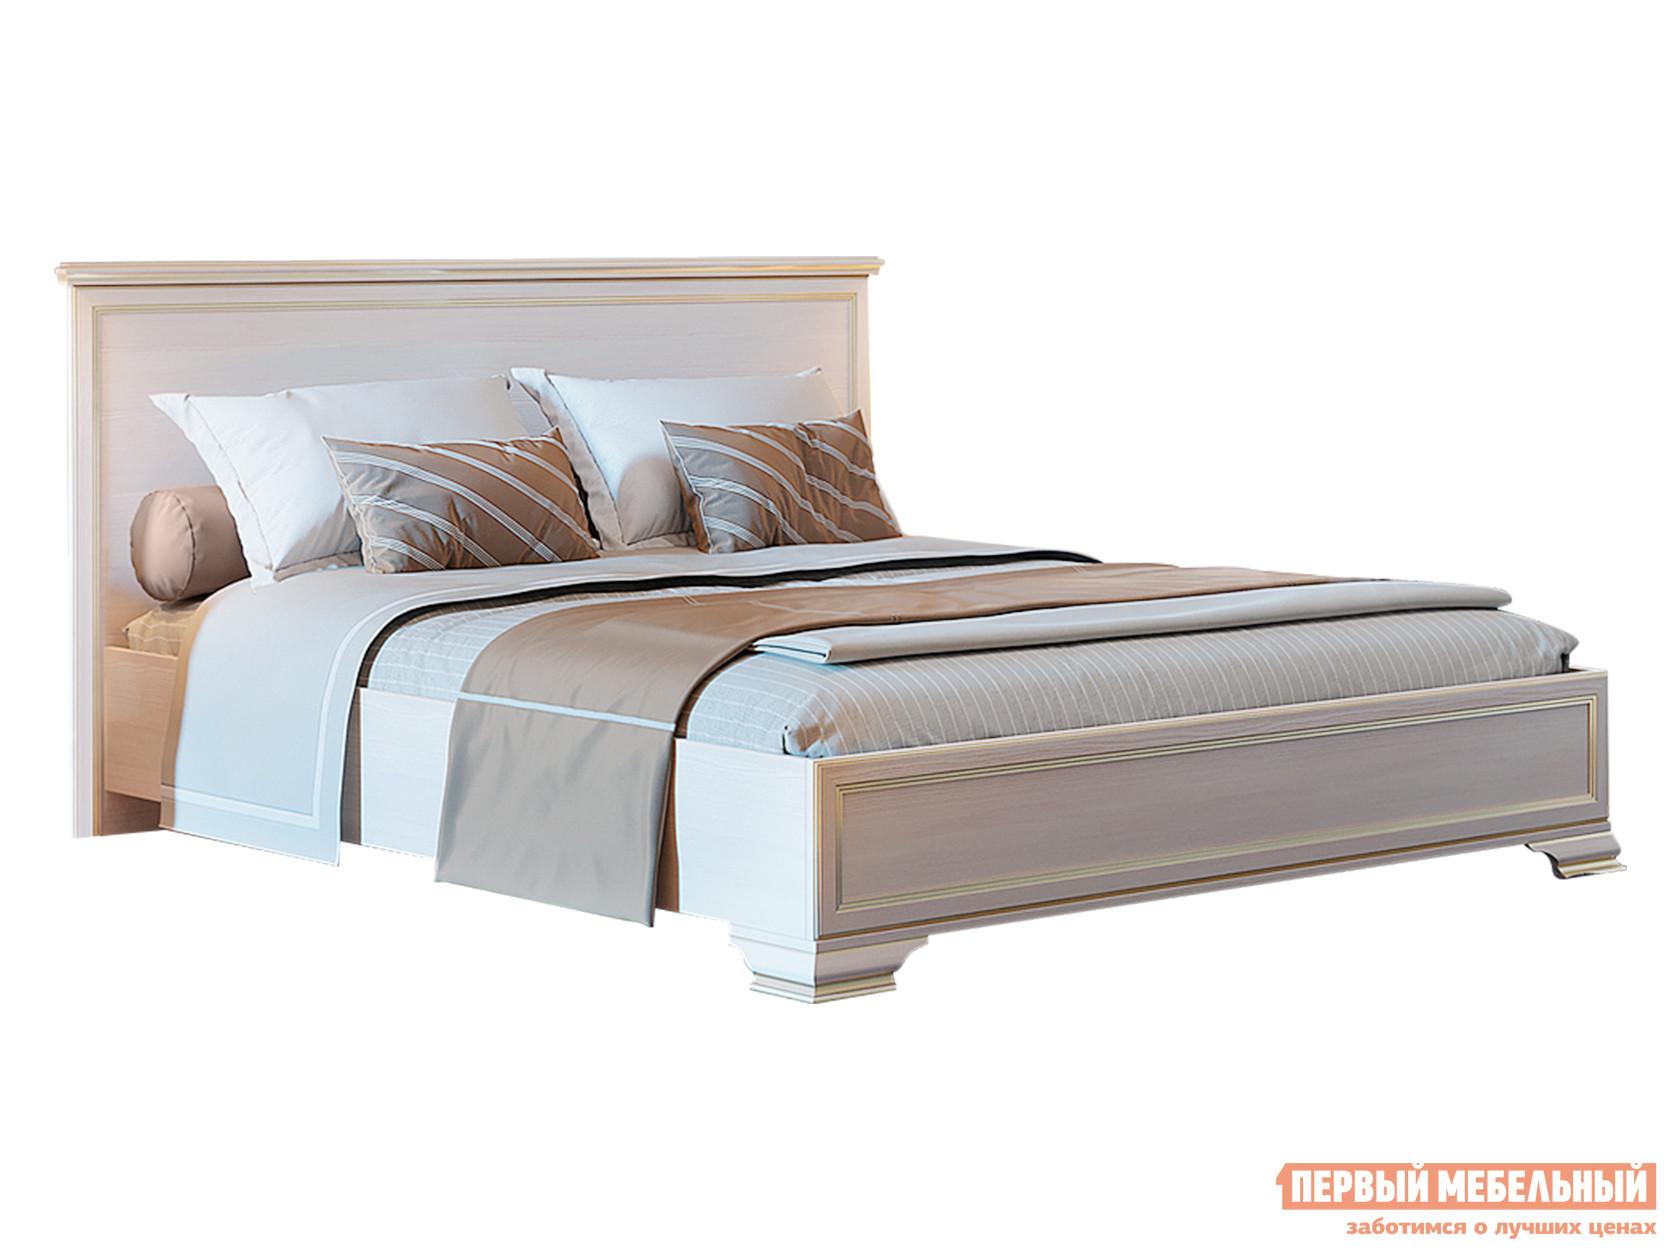 Двуспальная кровать Кровать с подъемным механизмом Сиена Бодега белый, патина золото, 140х200 см фото